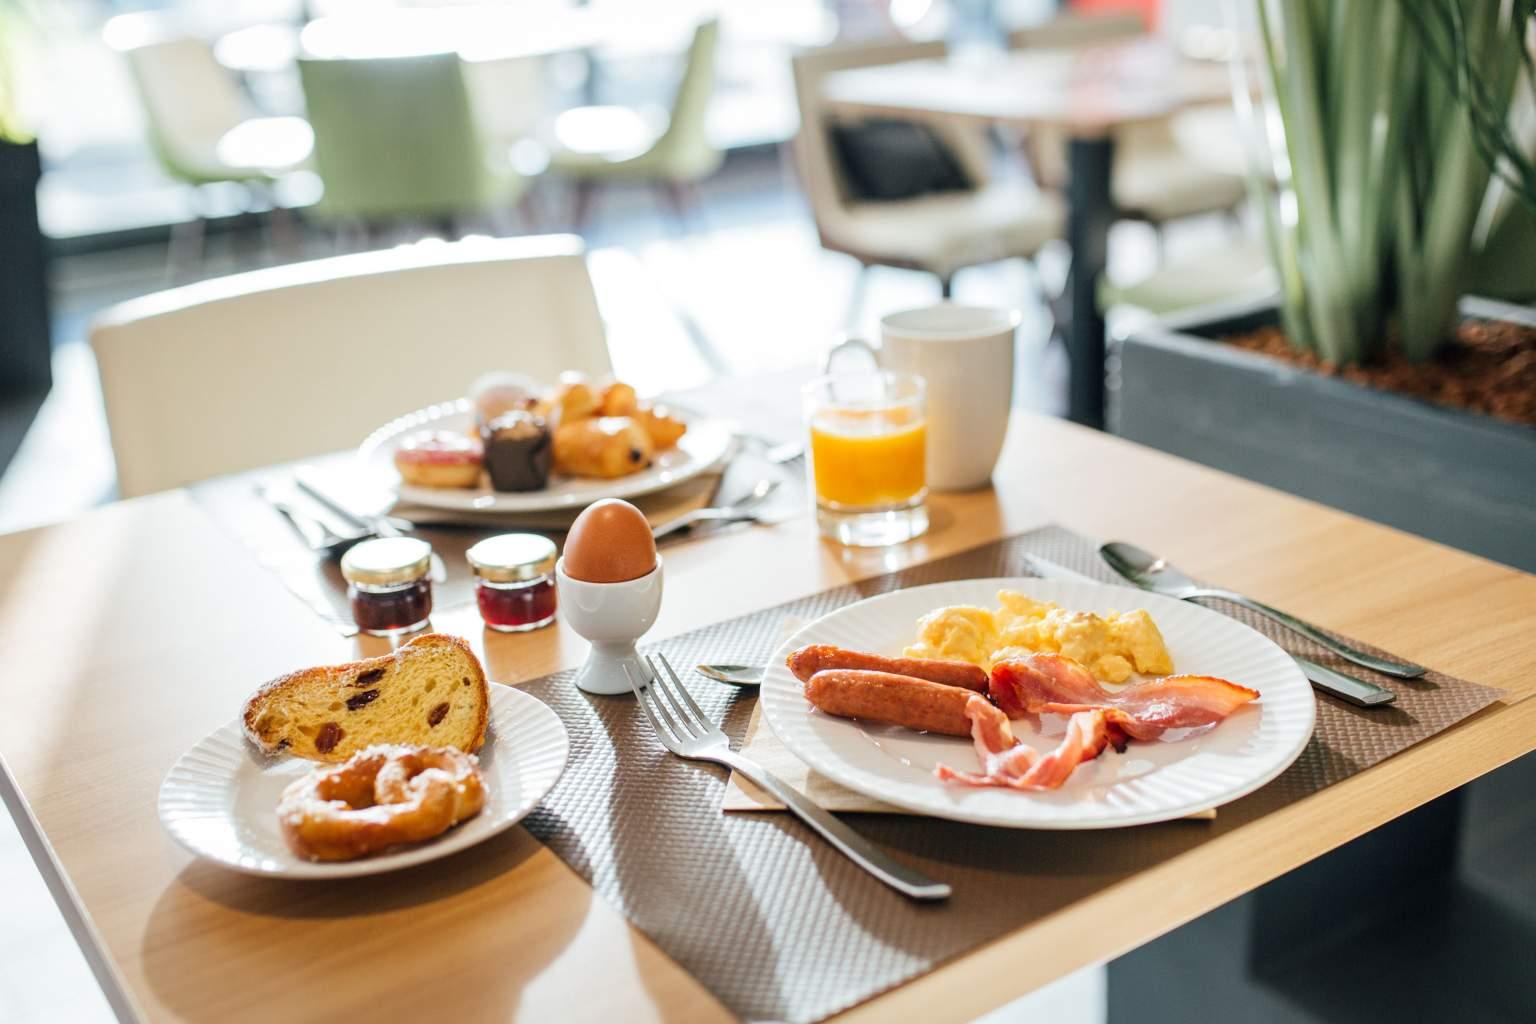 Gourmet Frühstück mitviel Auswahl undleckere ernährung